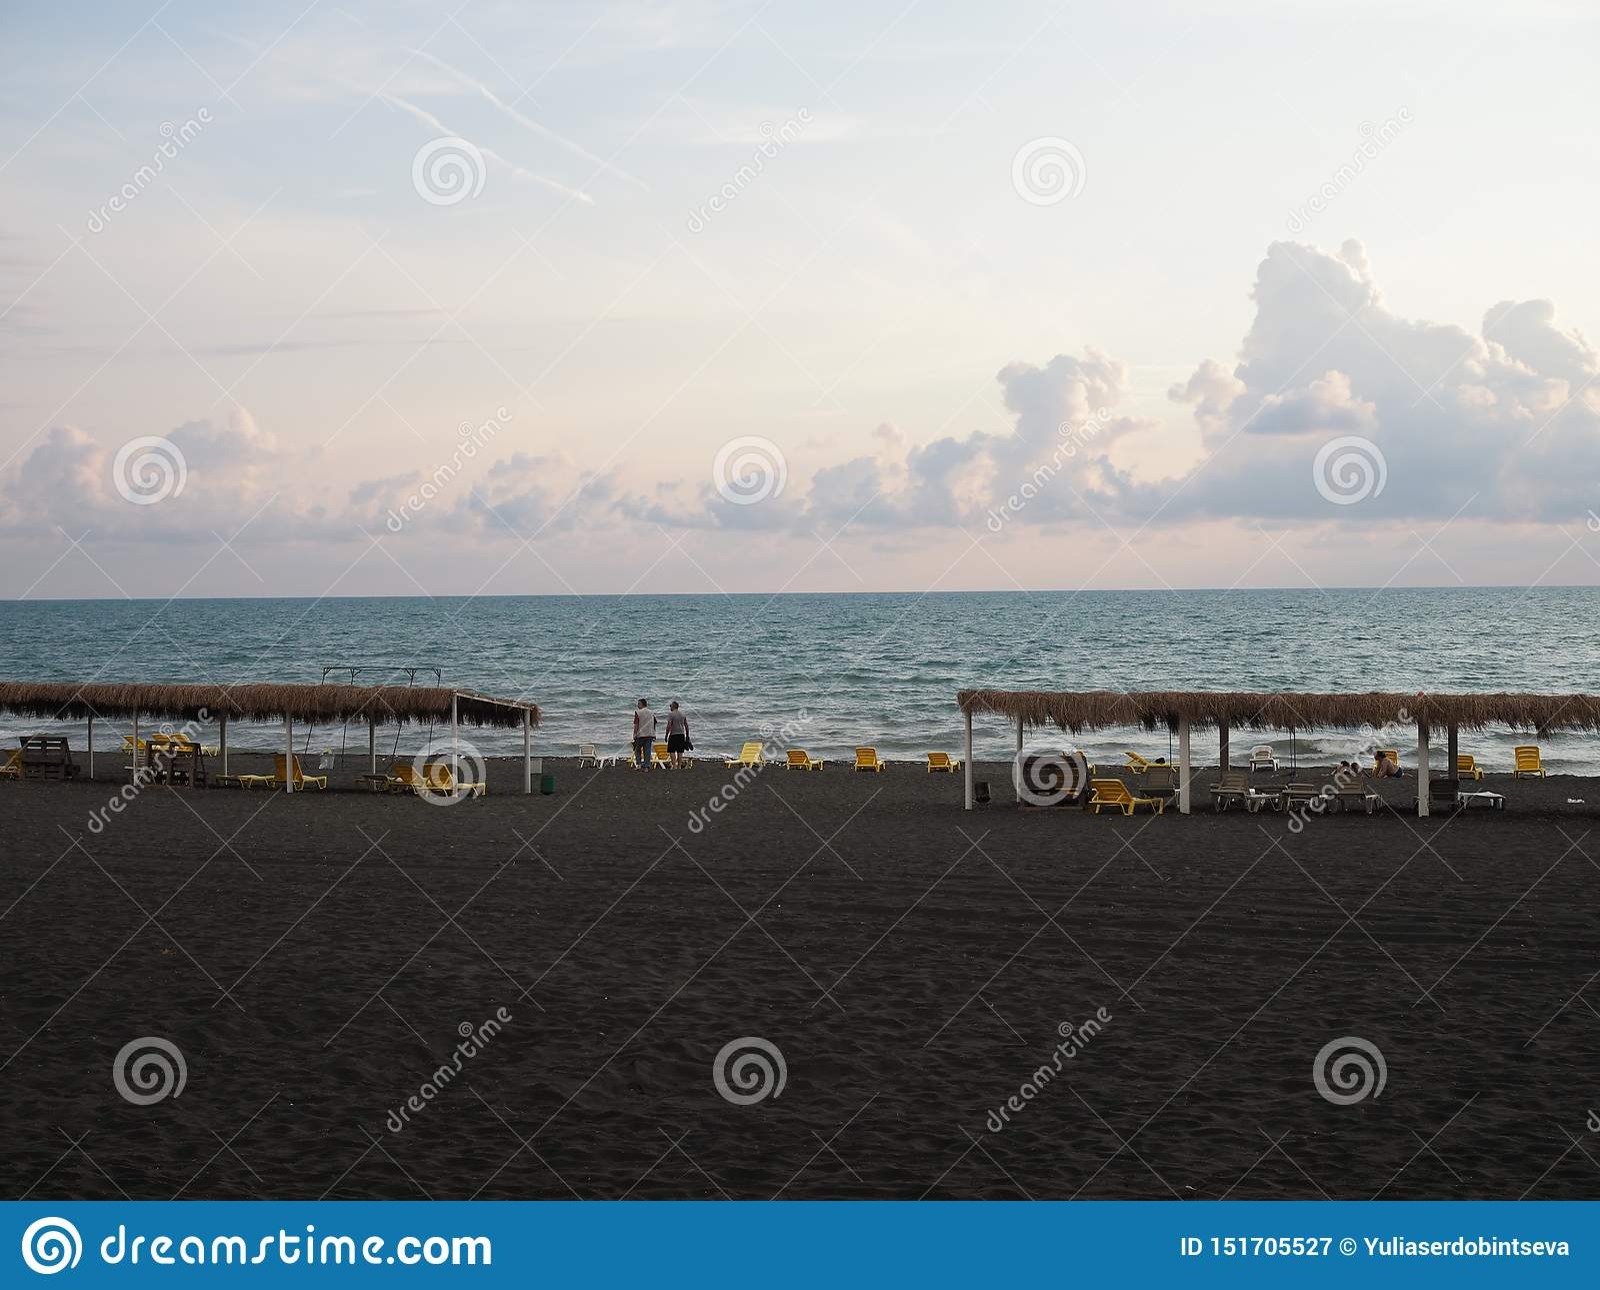 Дезертированный пляж в Грузии с отработанной формовочной смесью Санкции против России Отсутствие туристов в середине сезона Georg